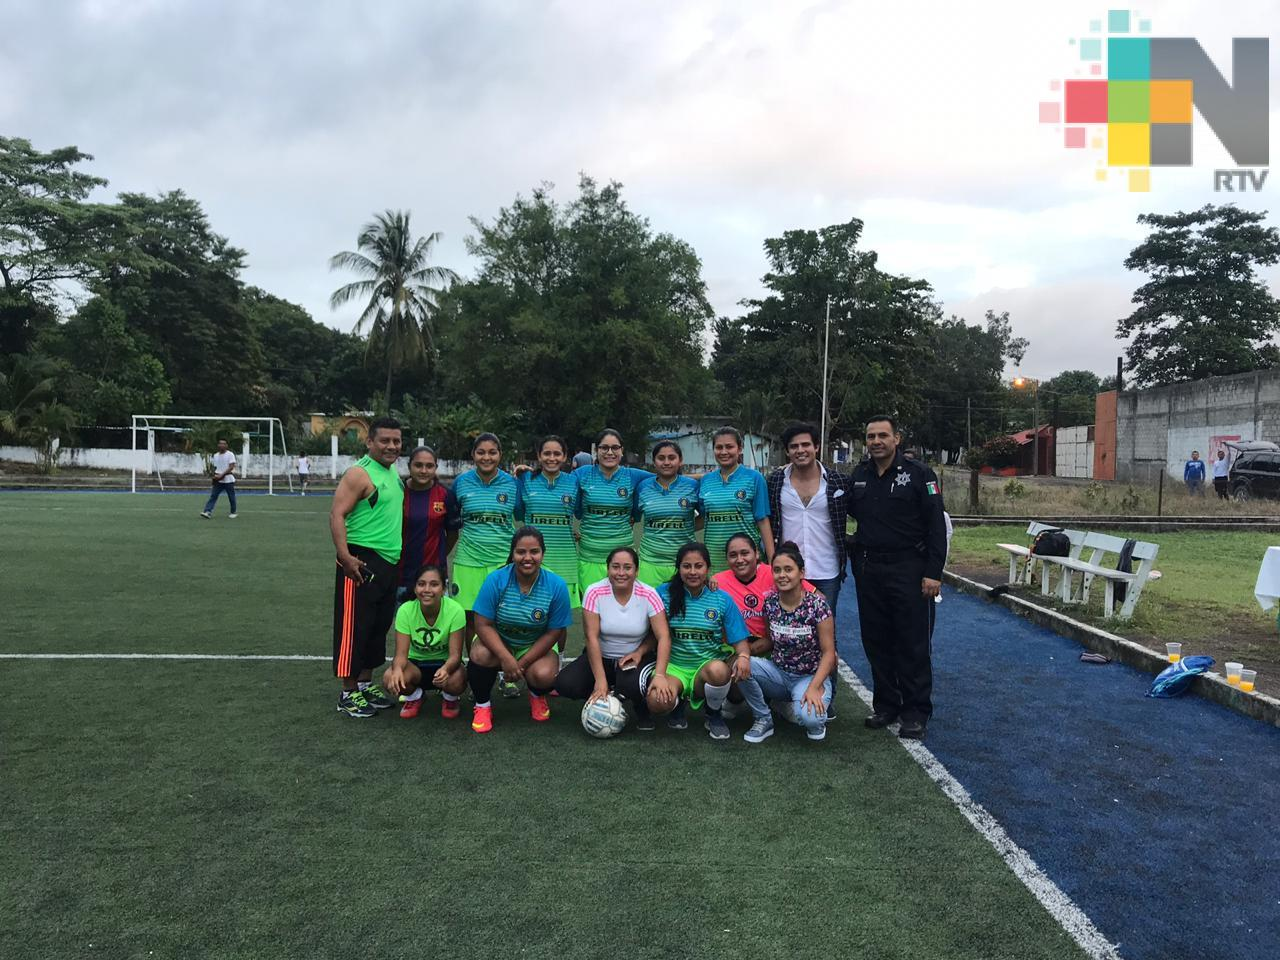 Partido de fútbol soccer entre mujeres promueve la prevención del delito